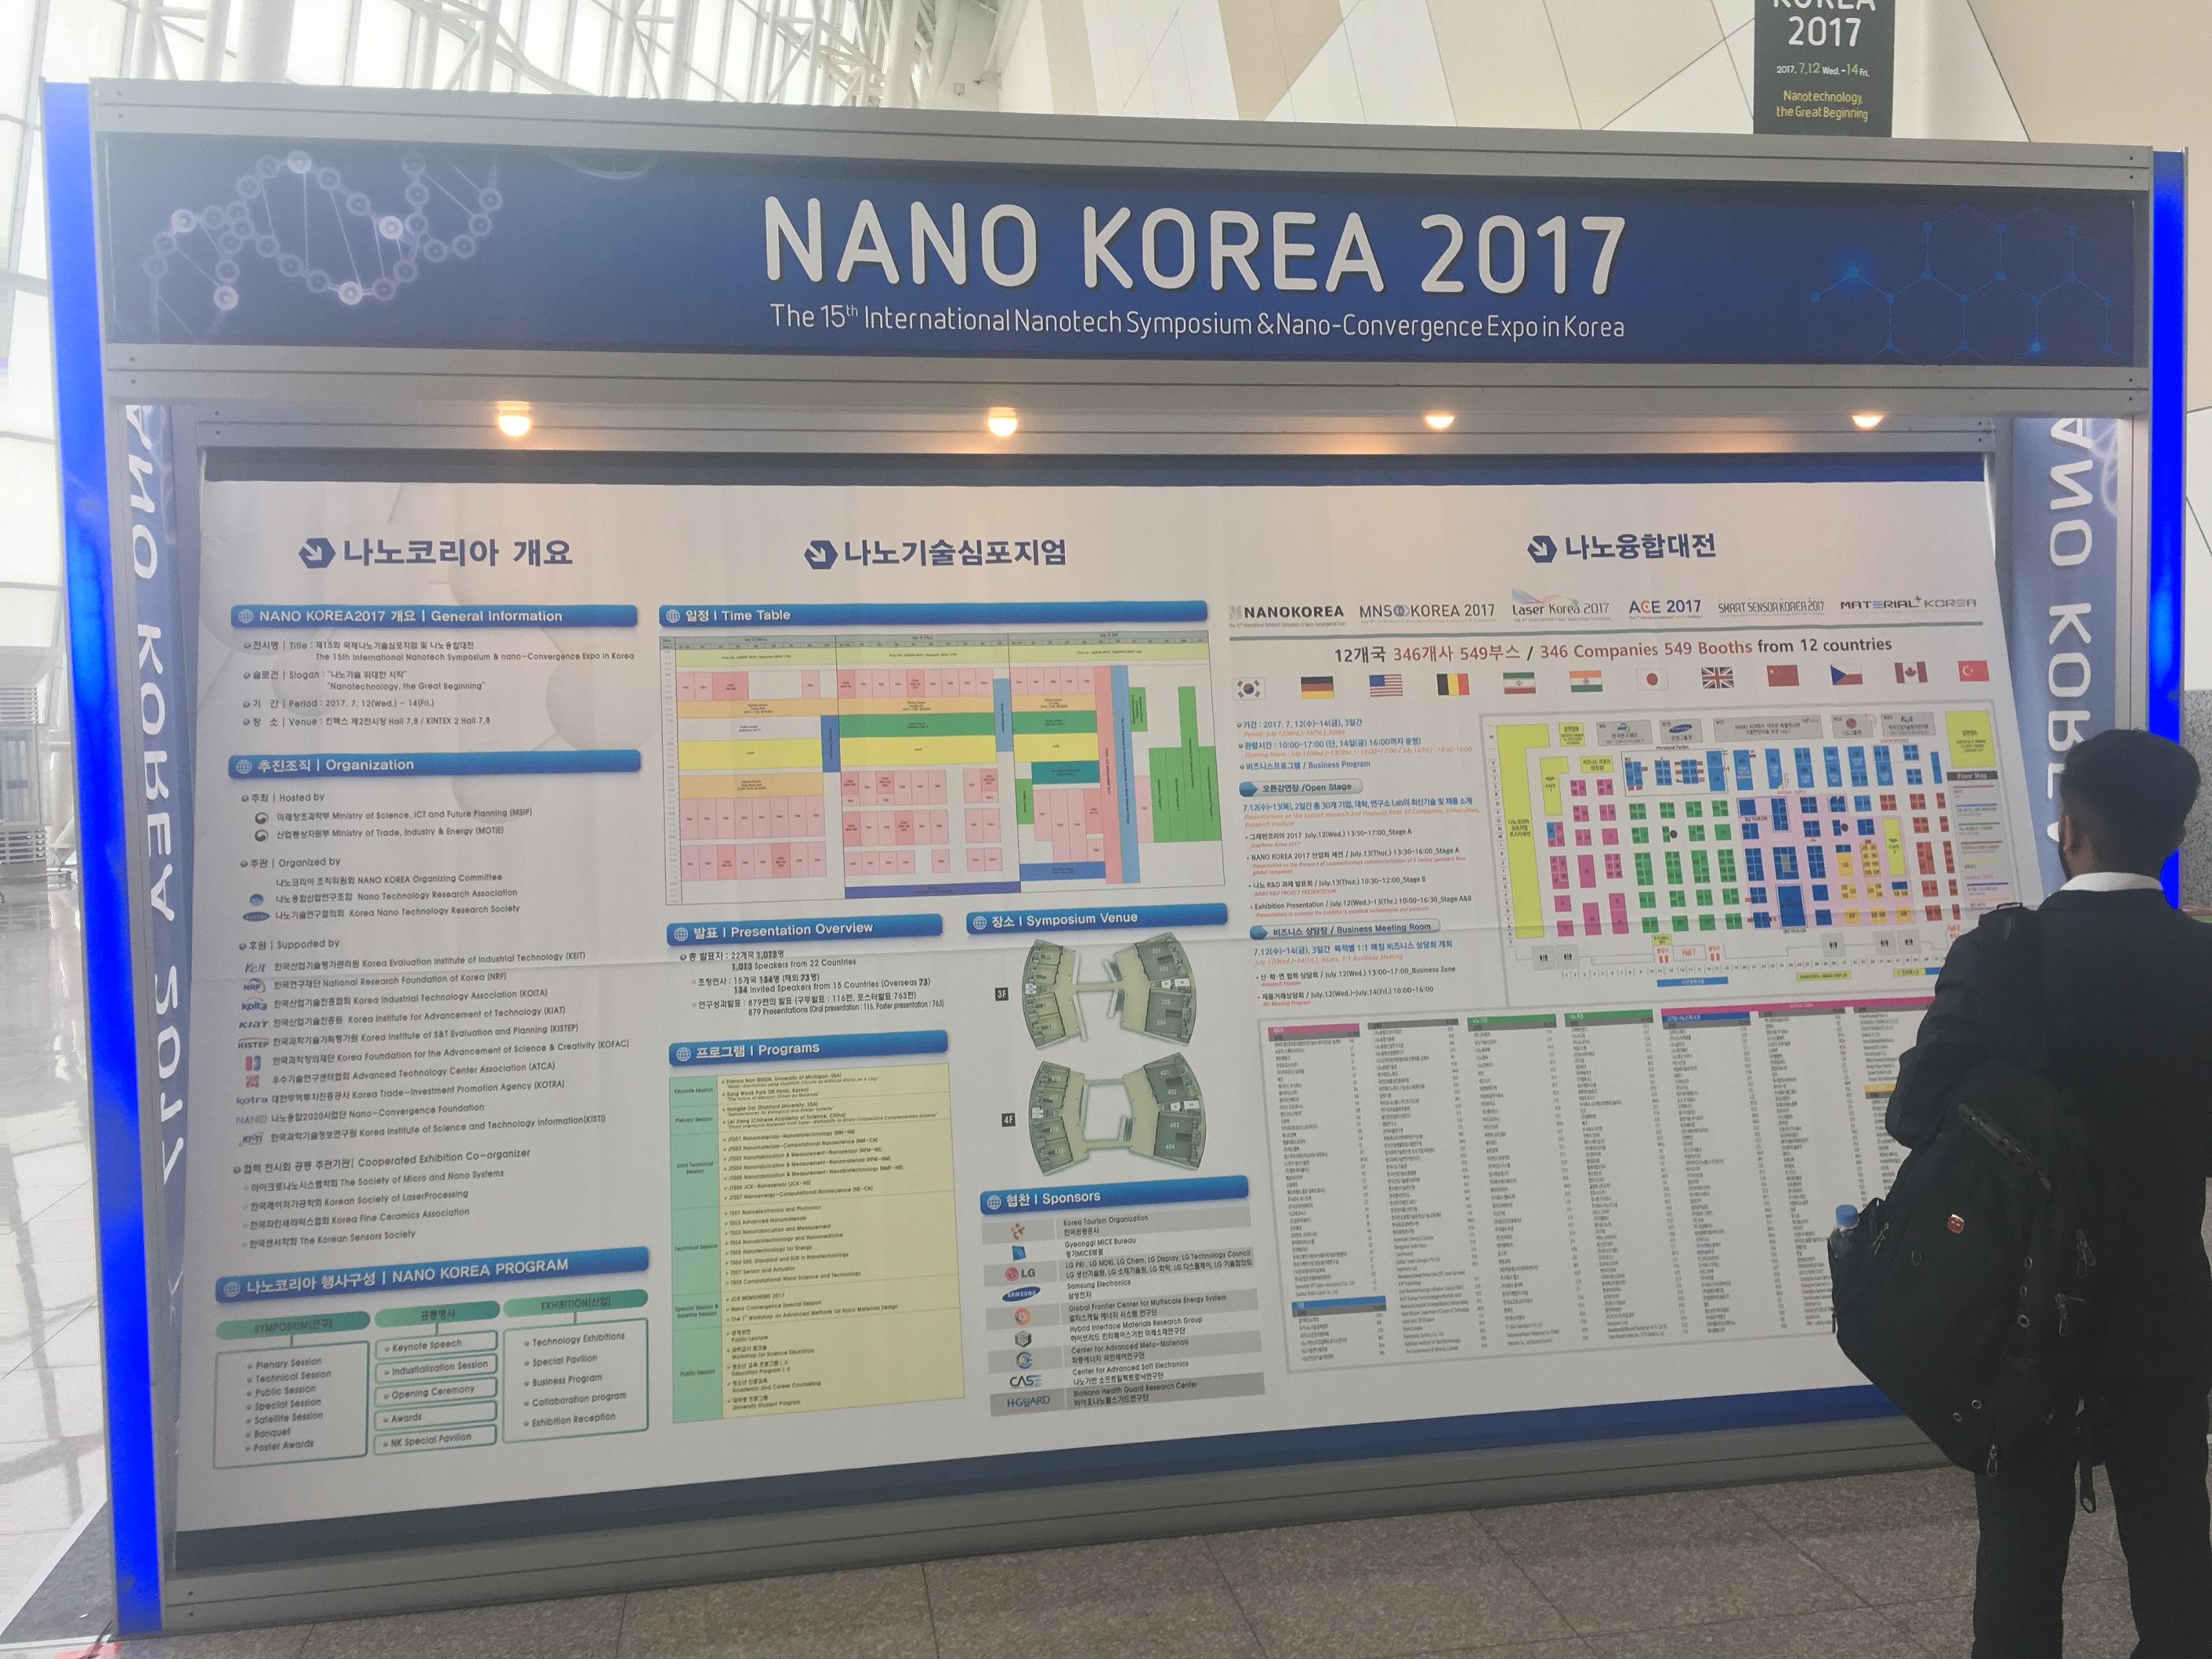 Nano Korea 2017